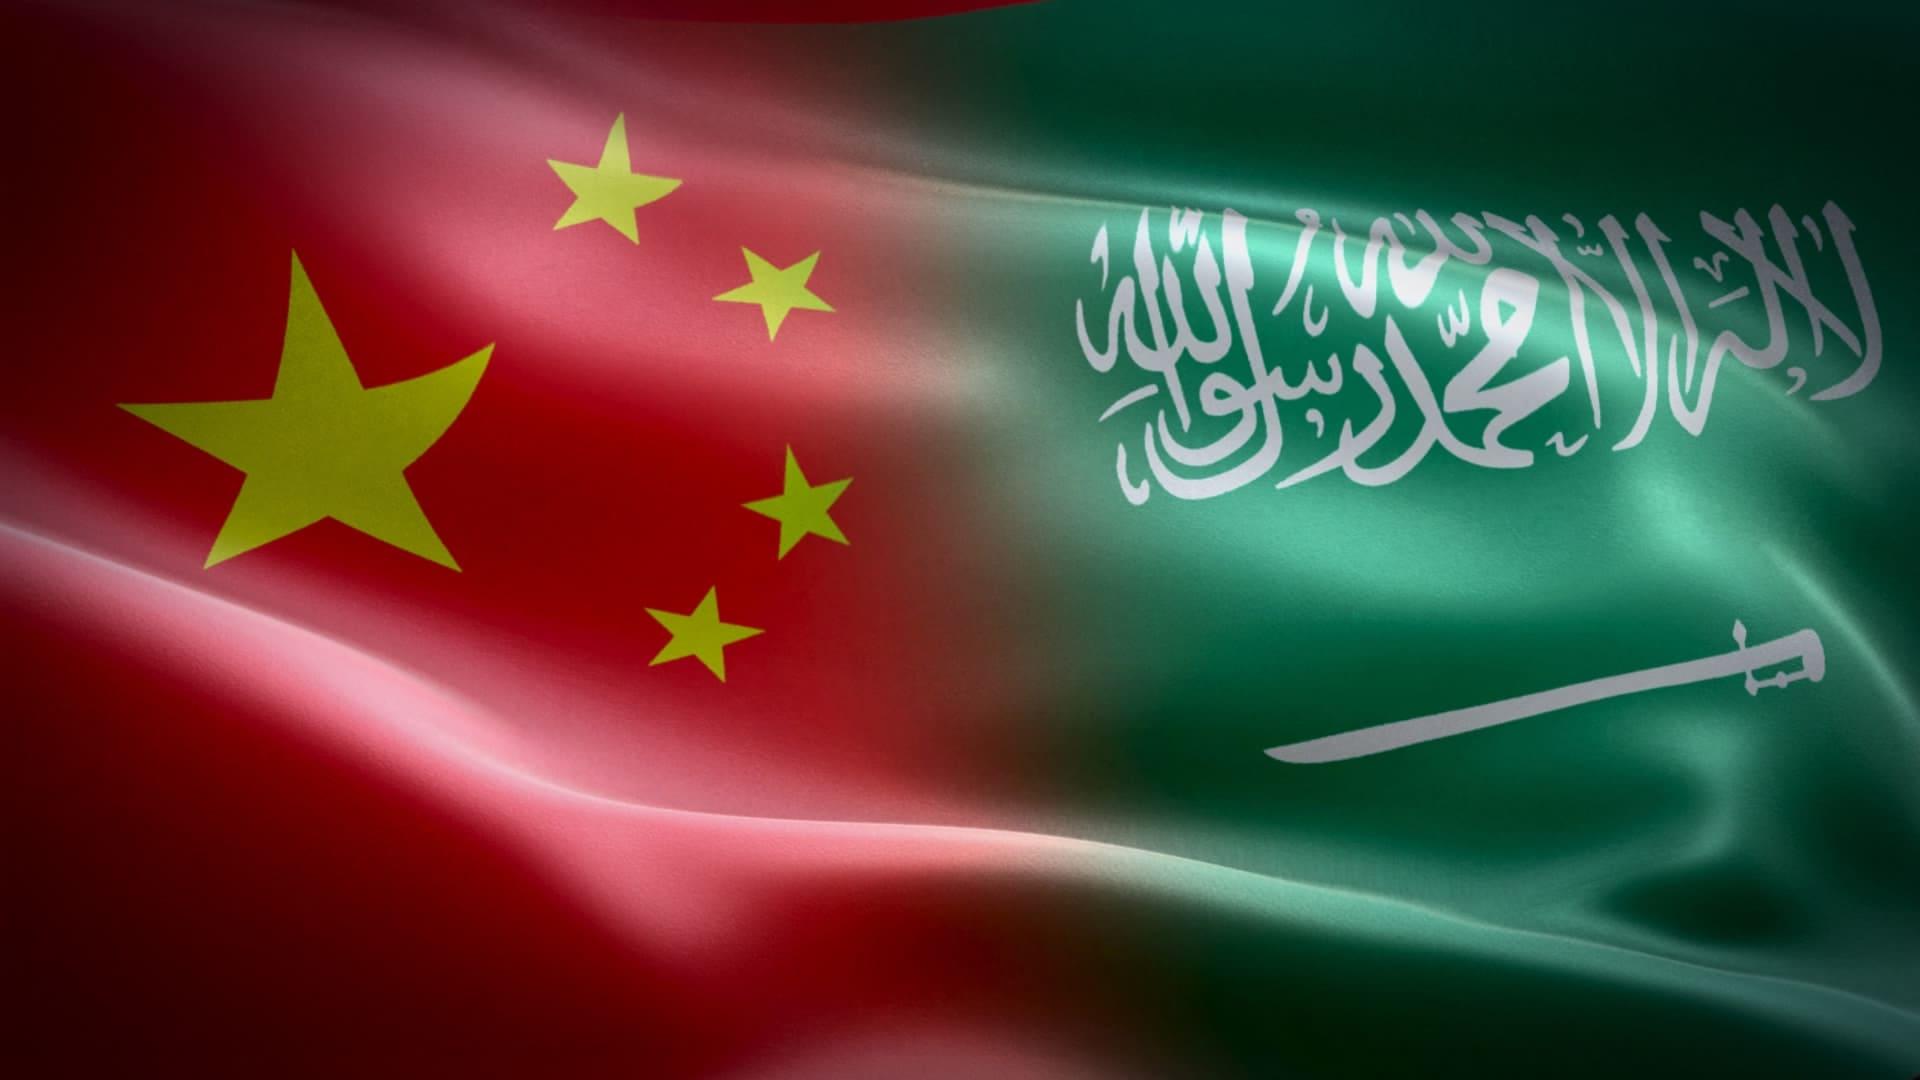 78 مليار دولار حجم التبادل التجاري بين الصين والسعودية خلال 2019